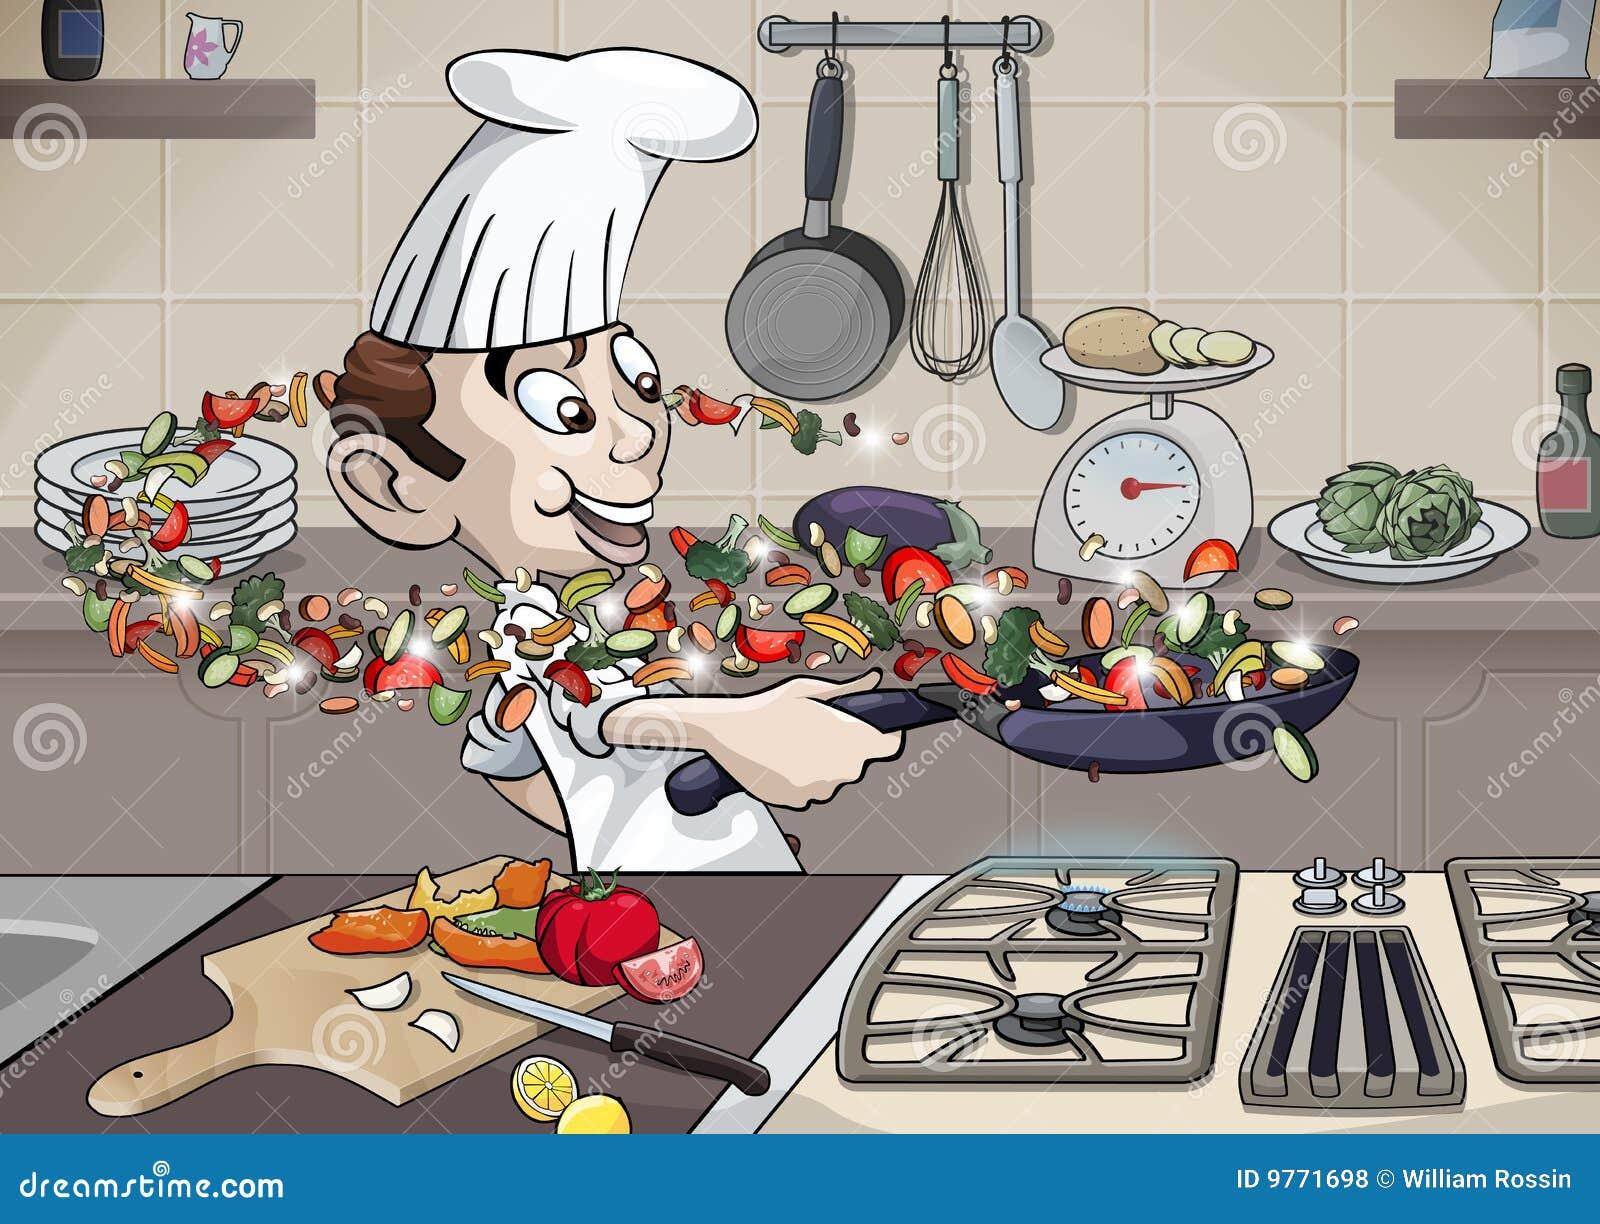 Enjoy cooking